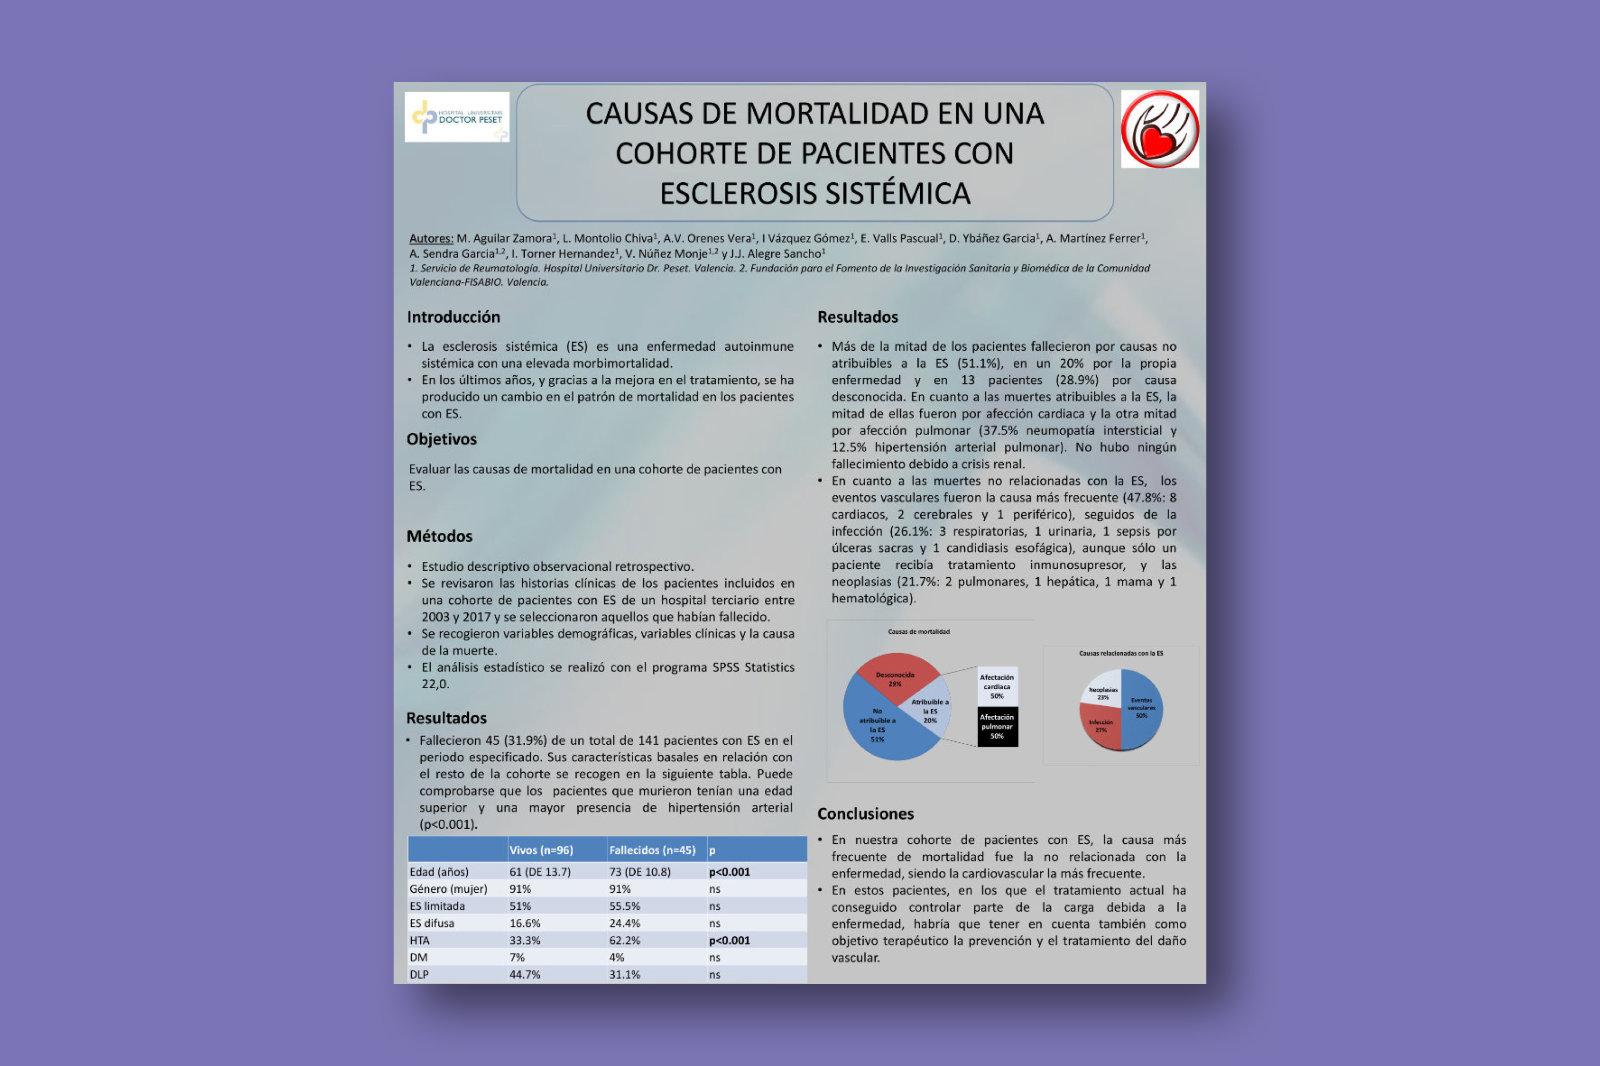 Causas de mortalidad en una cohorte de pacientes con esclerosis sistémica